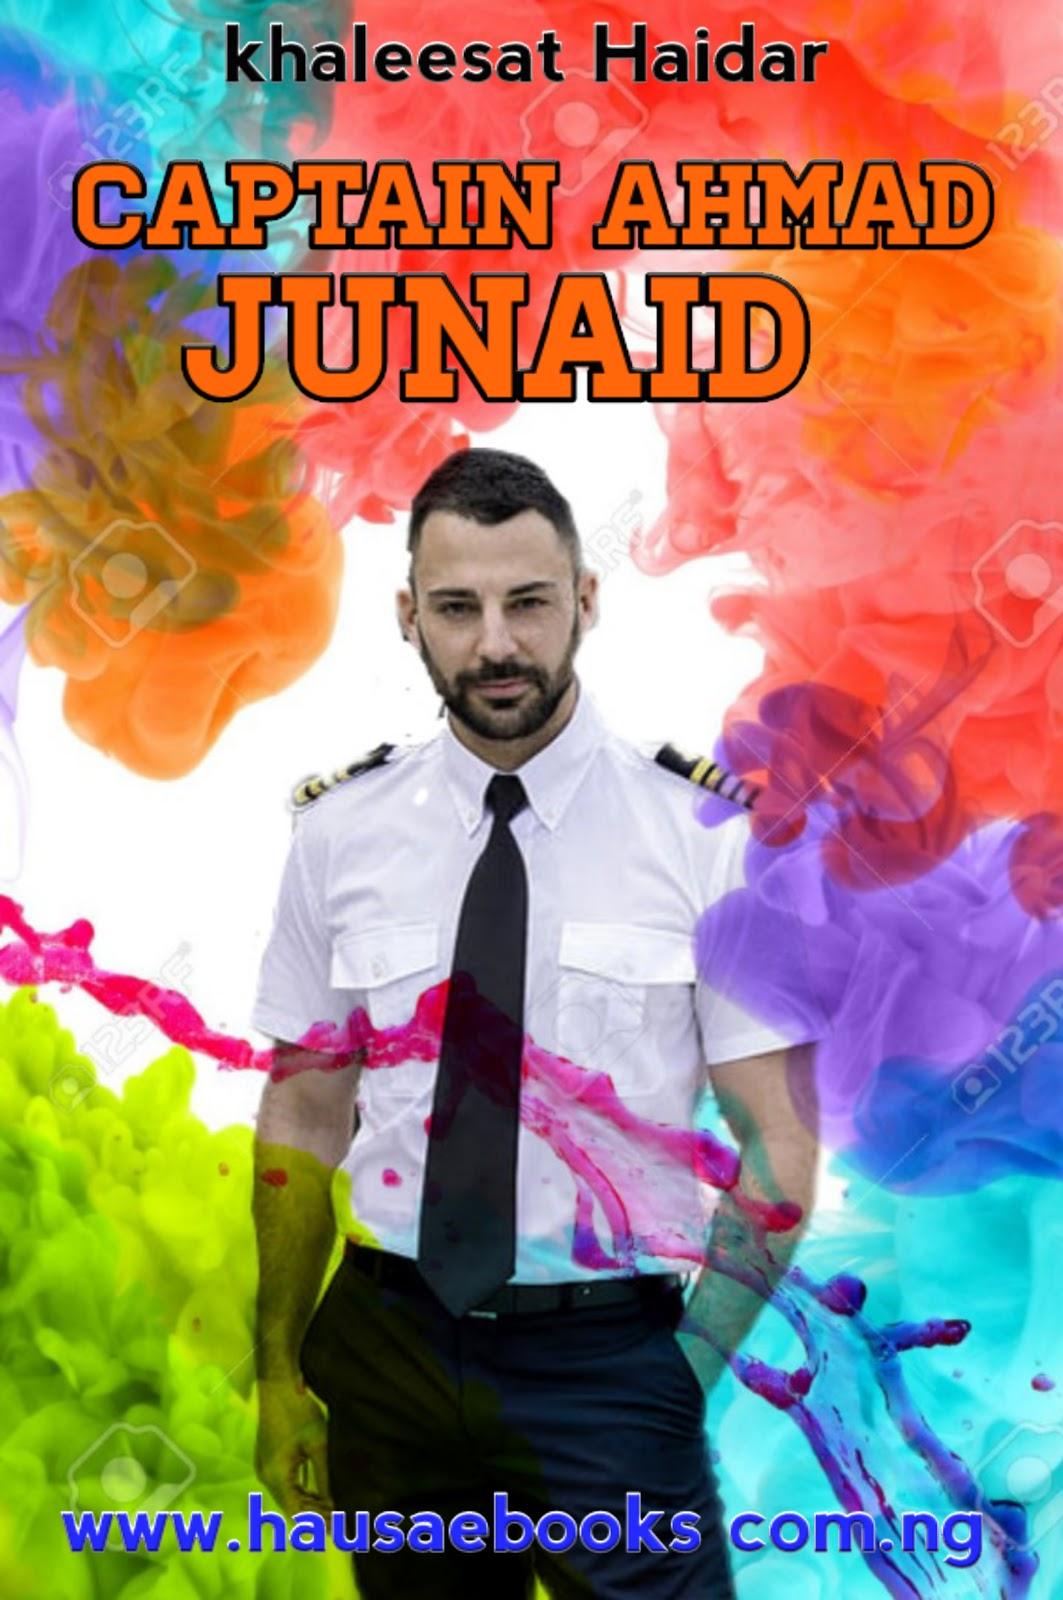 CAPTAIN AHMAD JUNAID complet